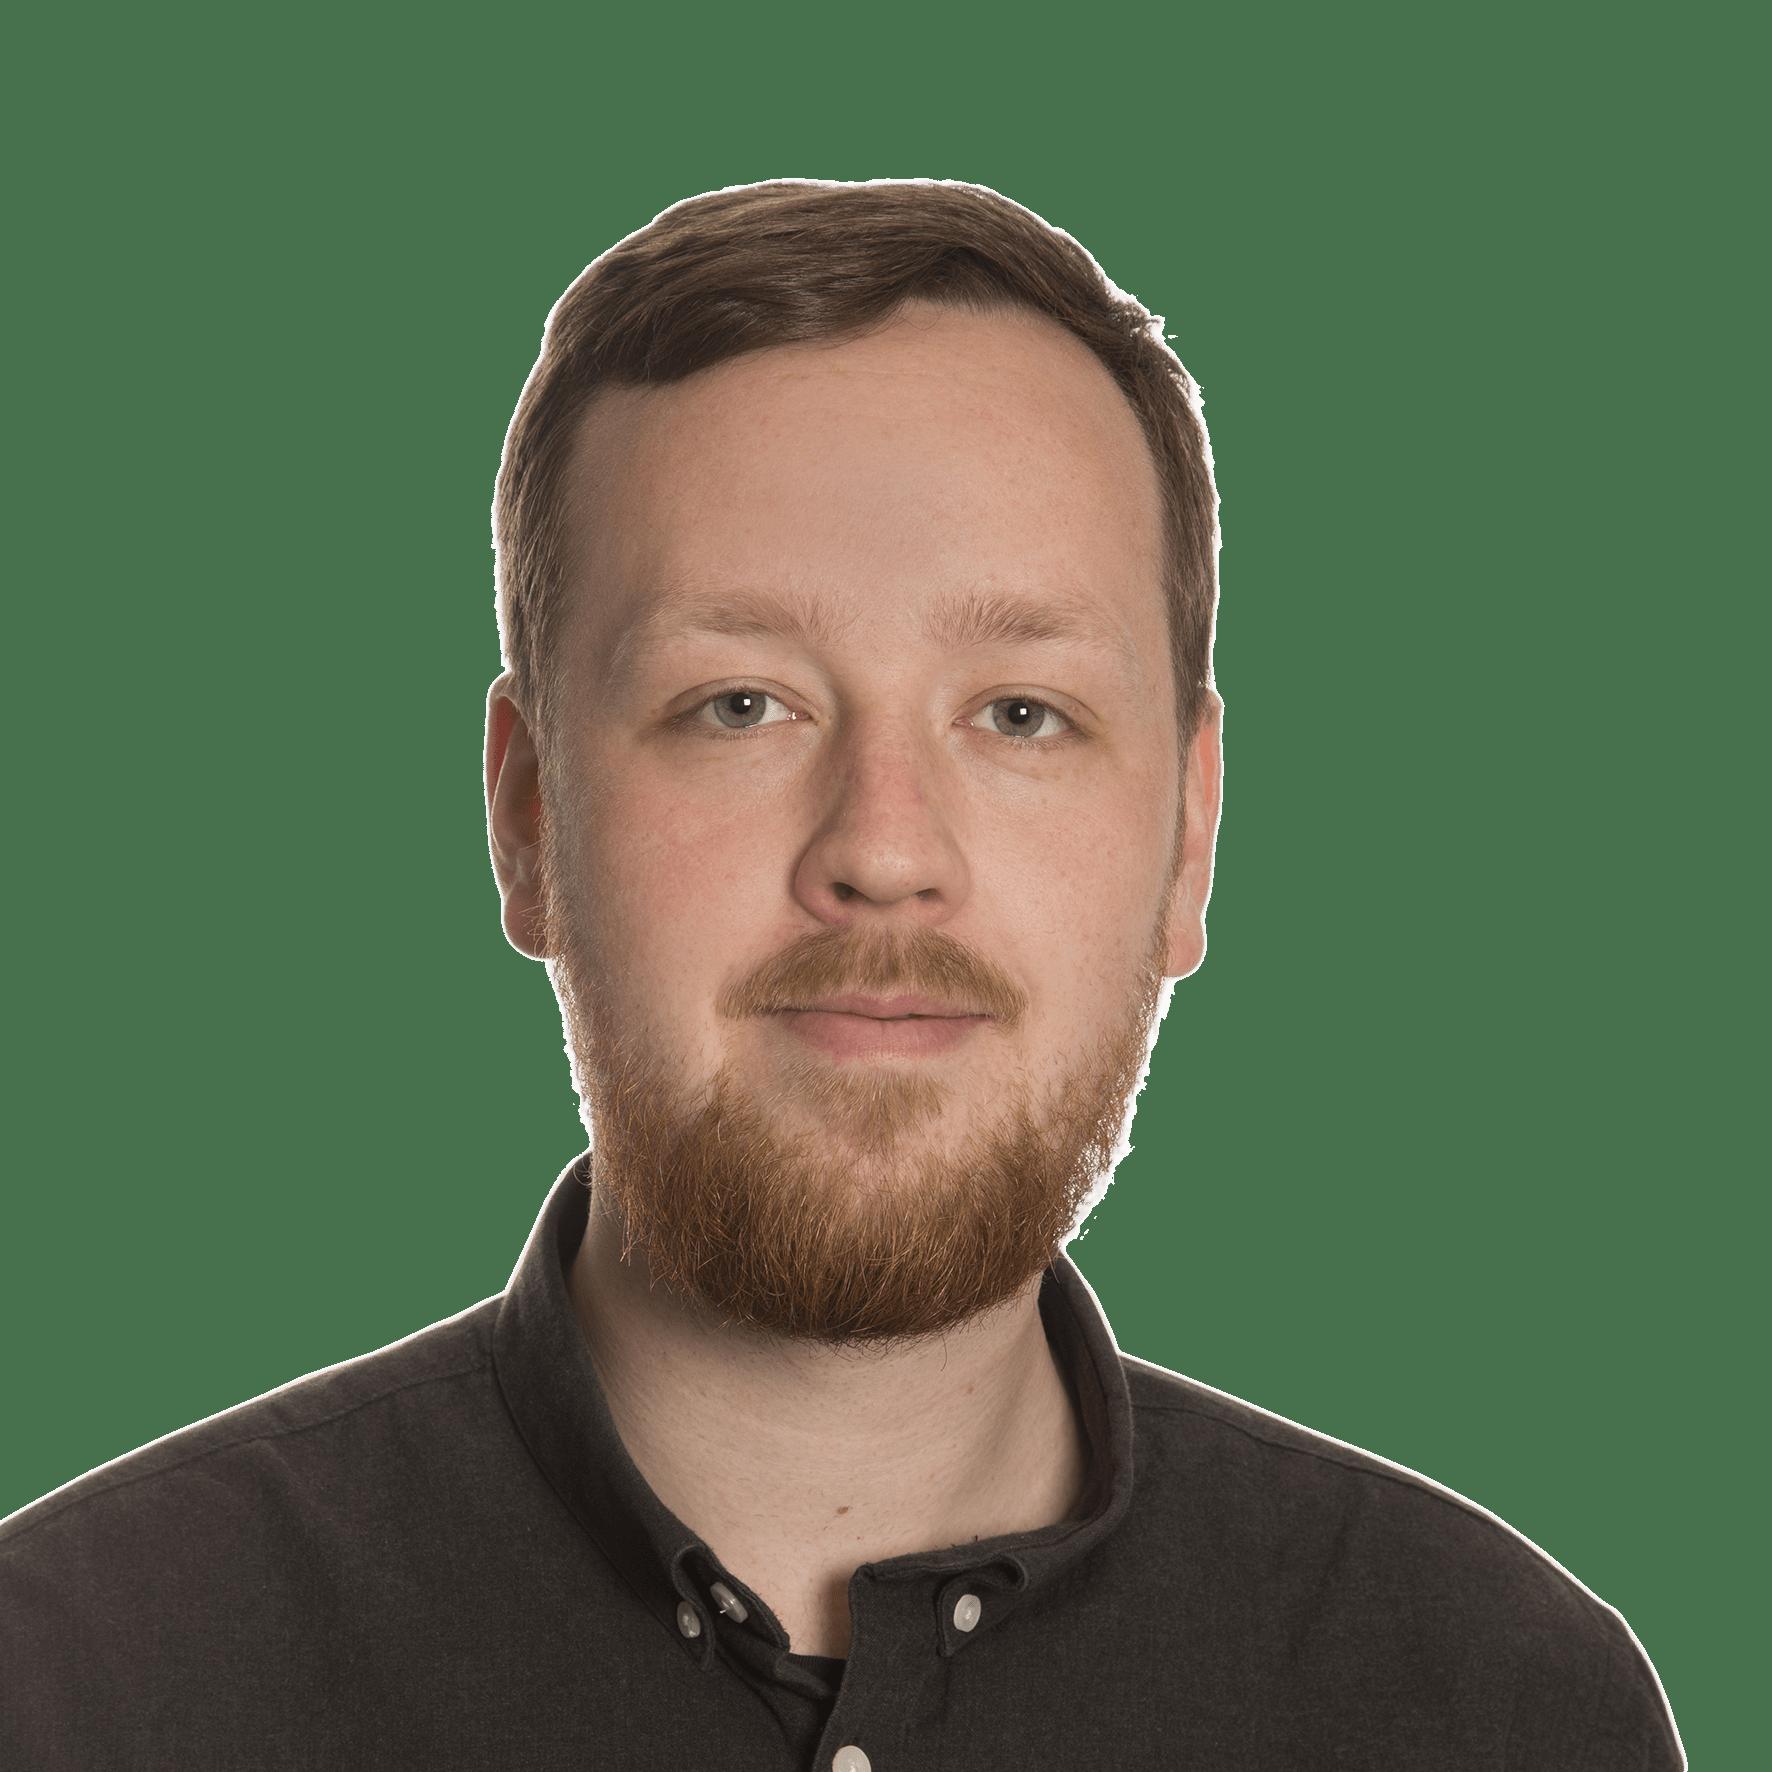 Jens Christian Jeppe